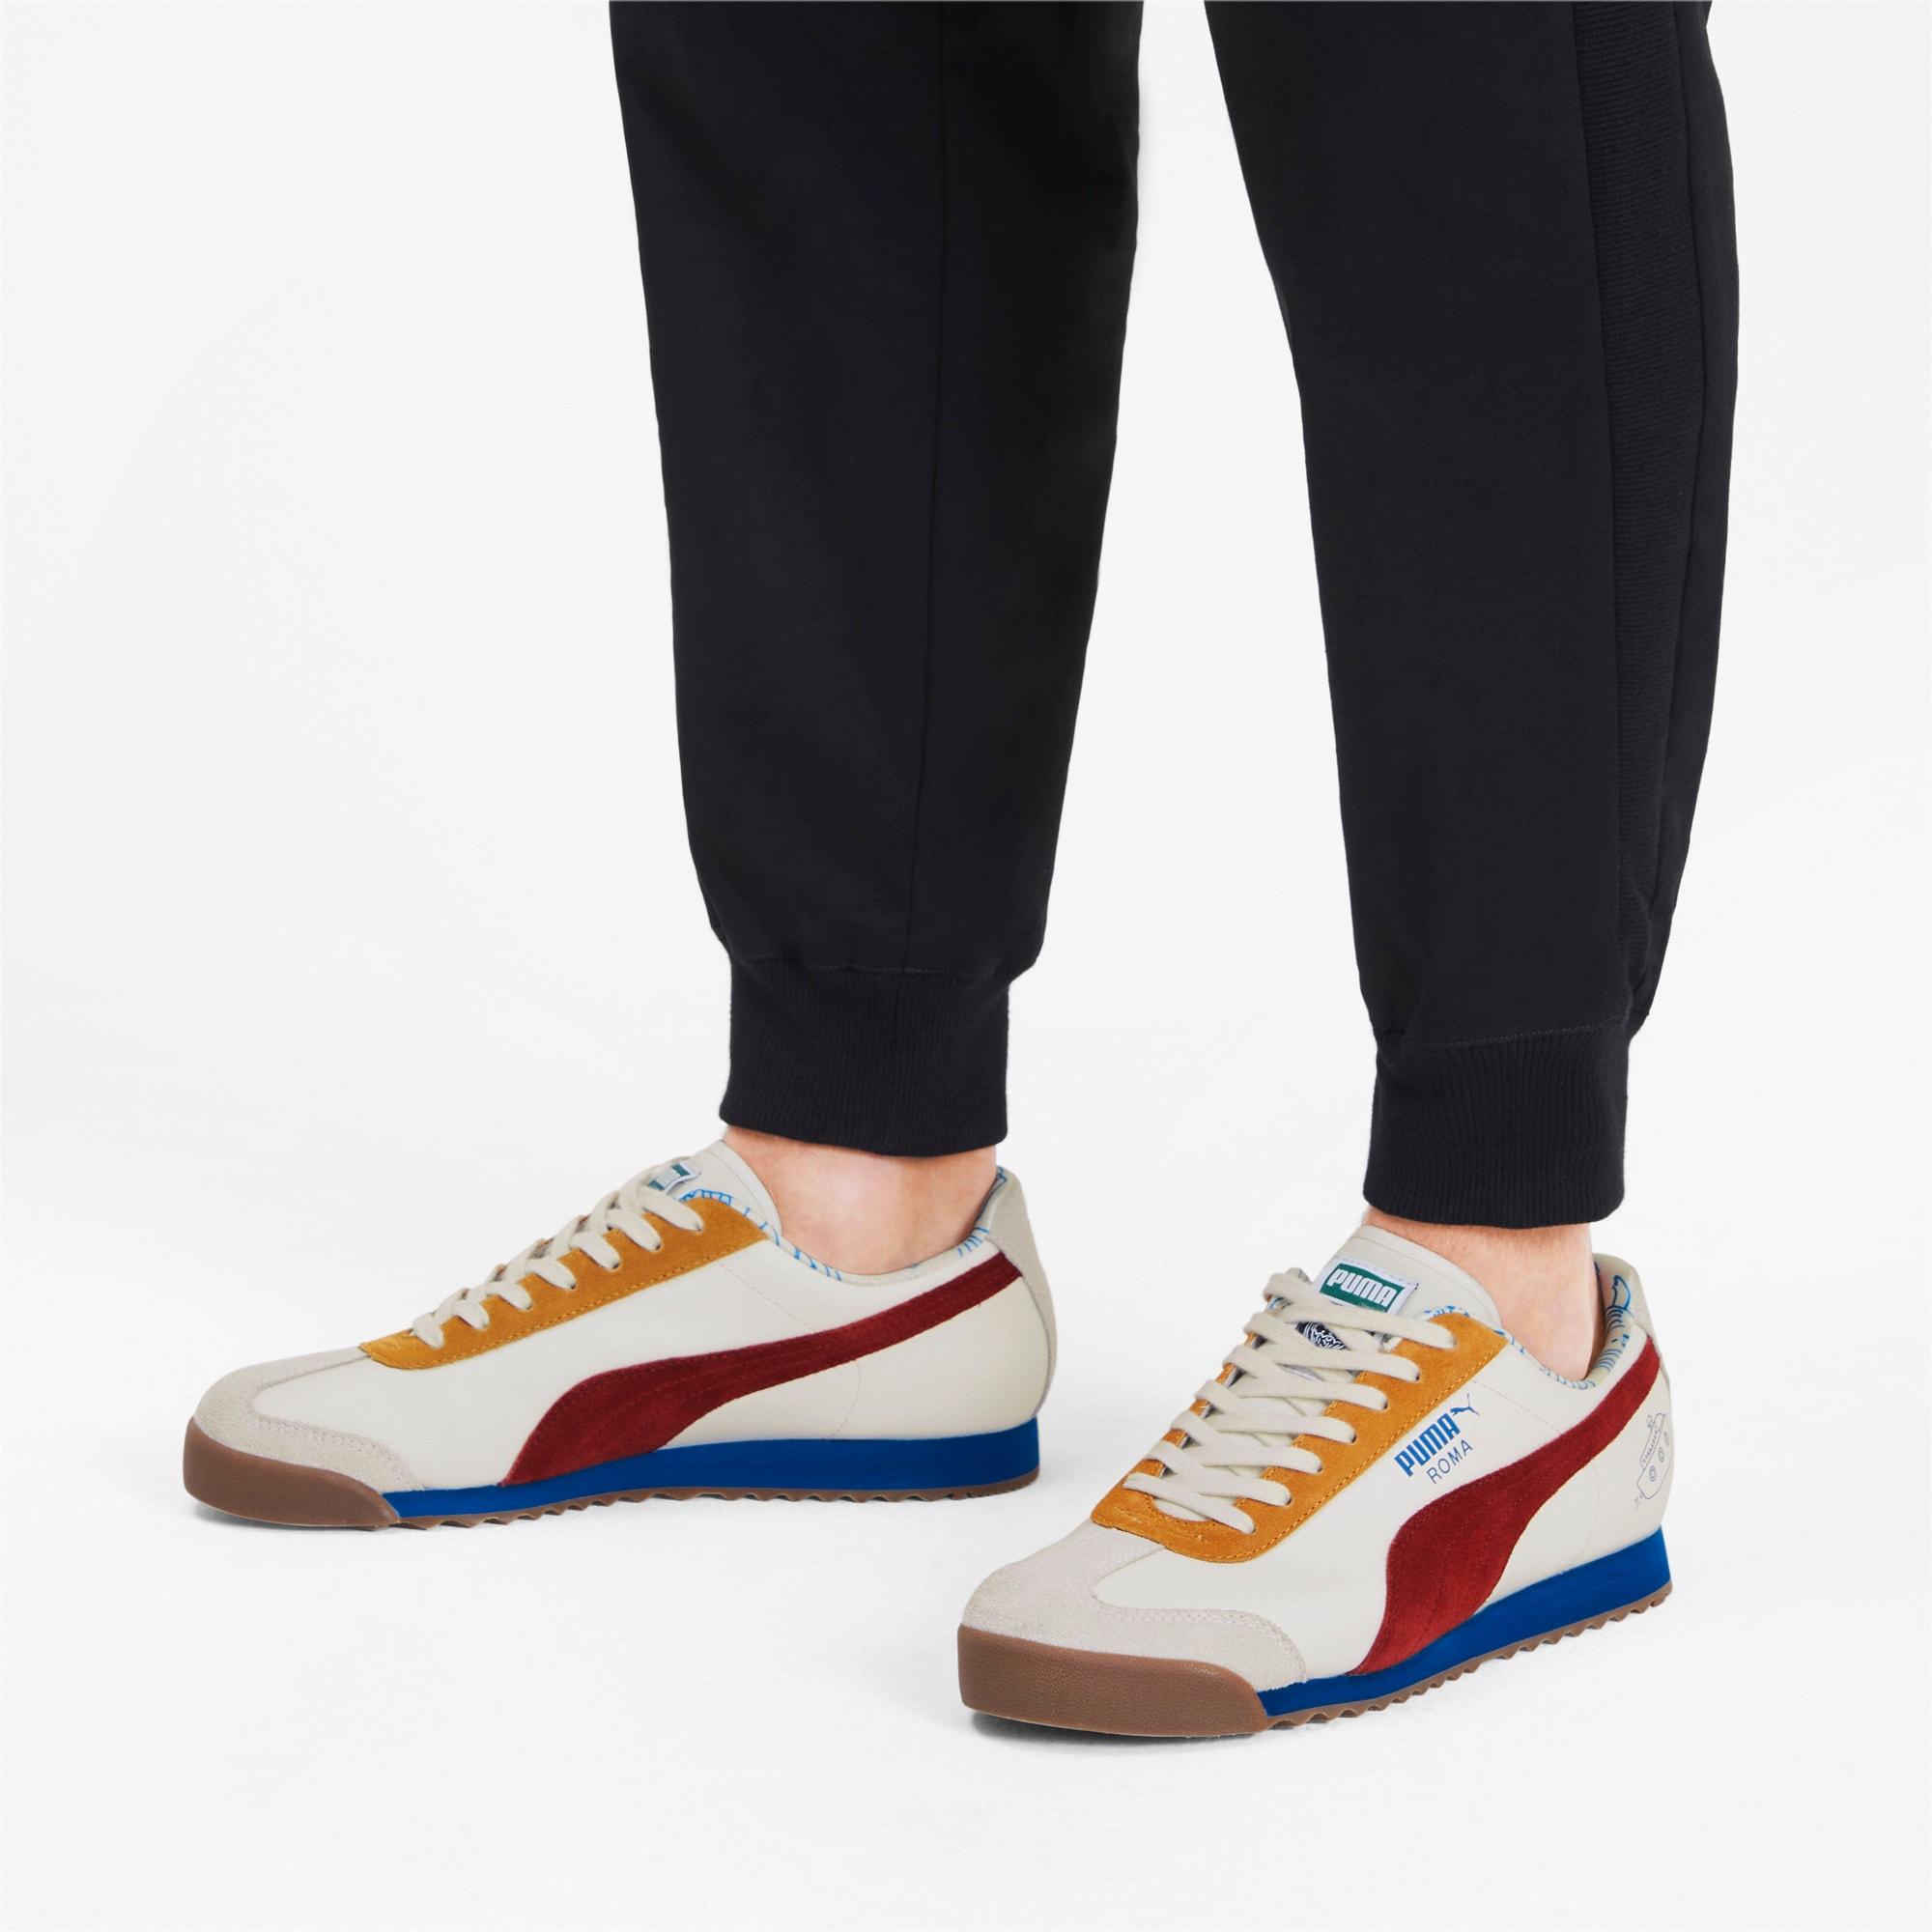 Miniatura 3 de Zapatos deportivos Roma PUMA x TYAKASHA , Marshmallow-Fired Brick, mediano